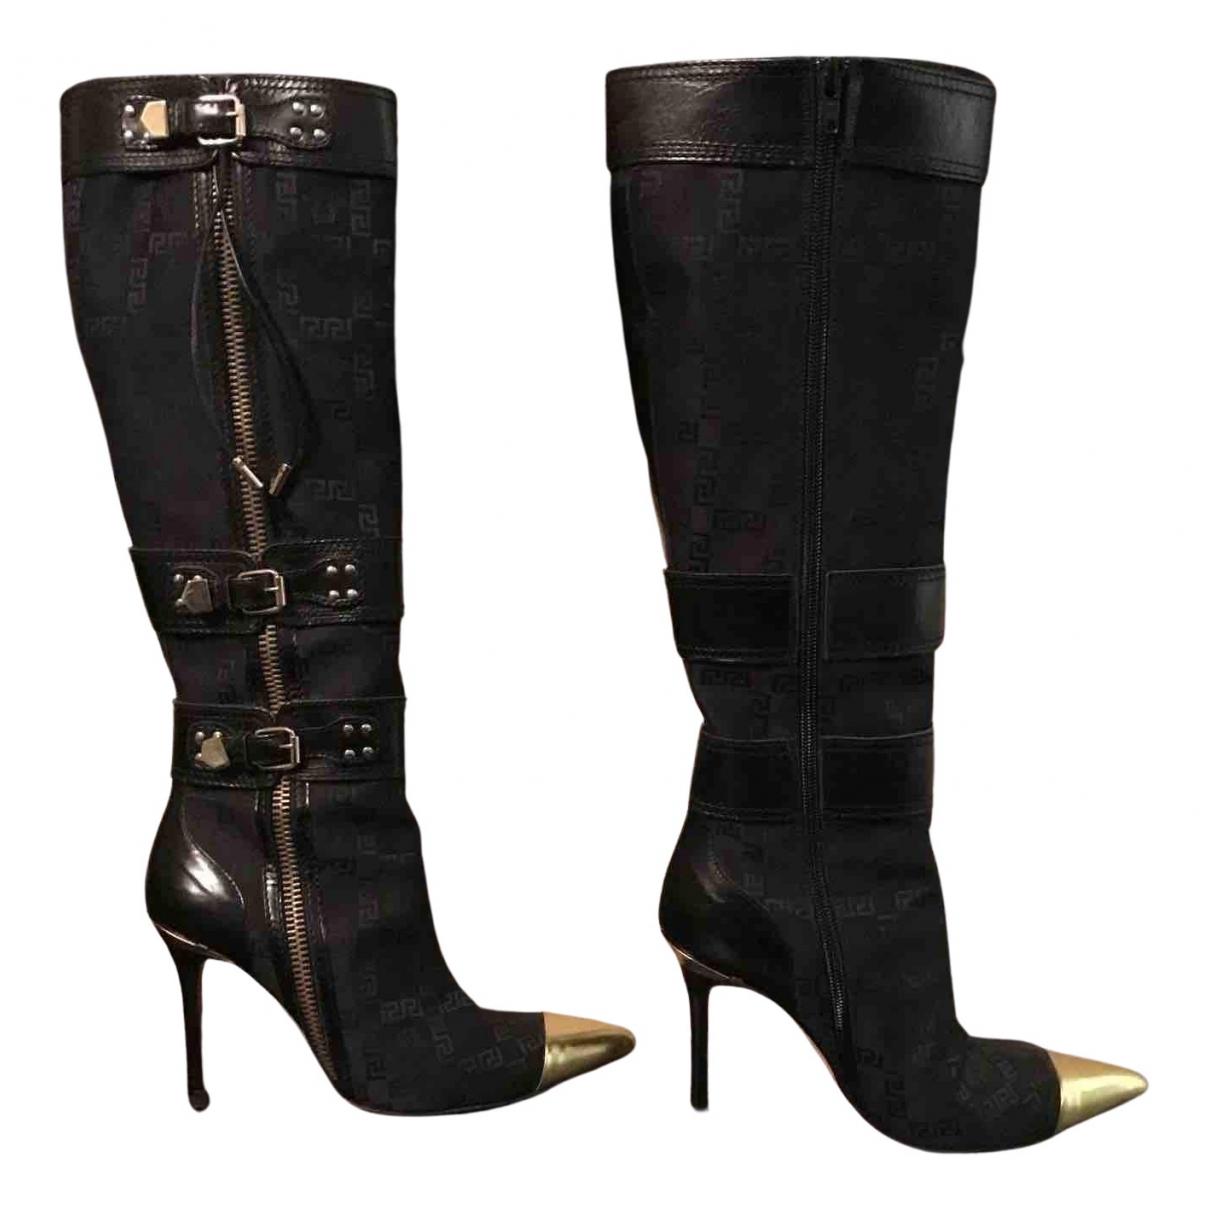 Gianni Versace - Bottes   pour femme en toile - noir